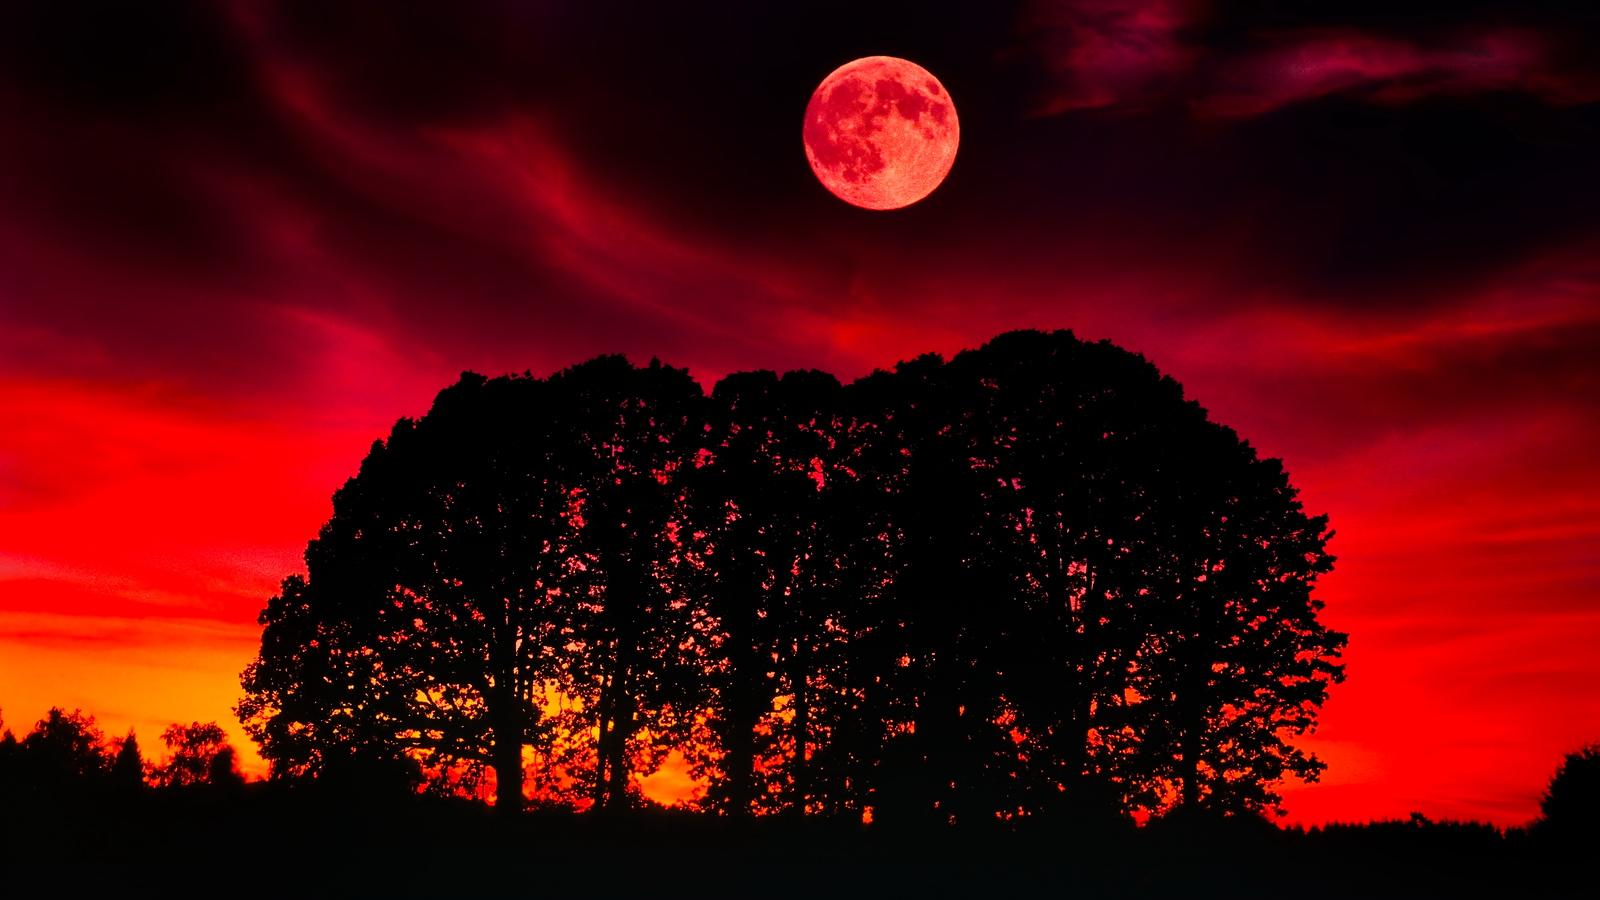 Oak Tree Moonset/sunset